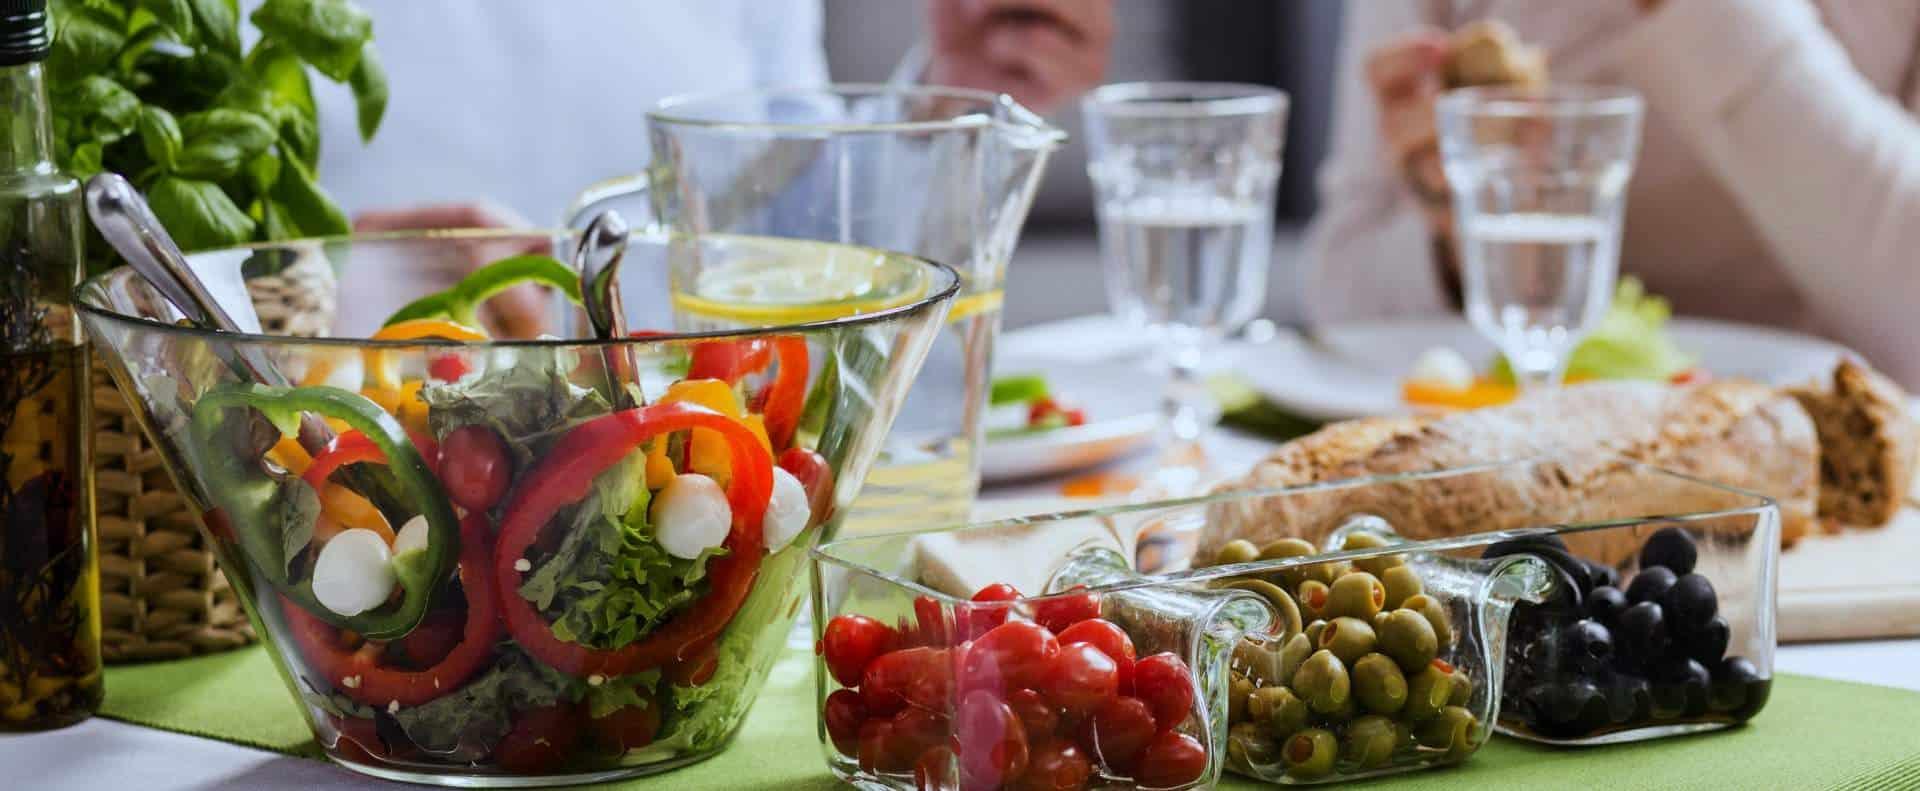 Gezond eten slider